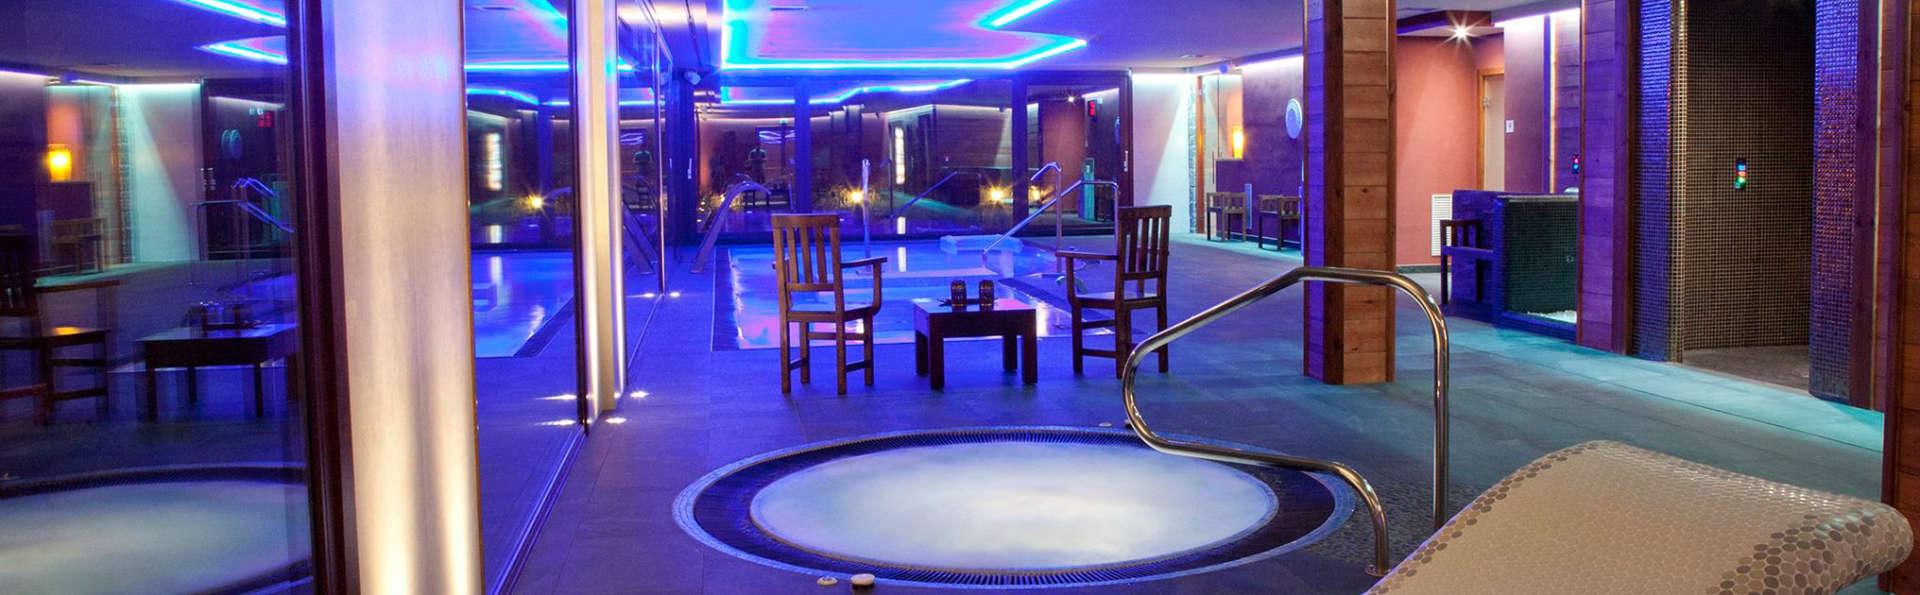 Hotel & Spa Peña Montañesa - EDIT_spa1.jpg